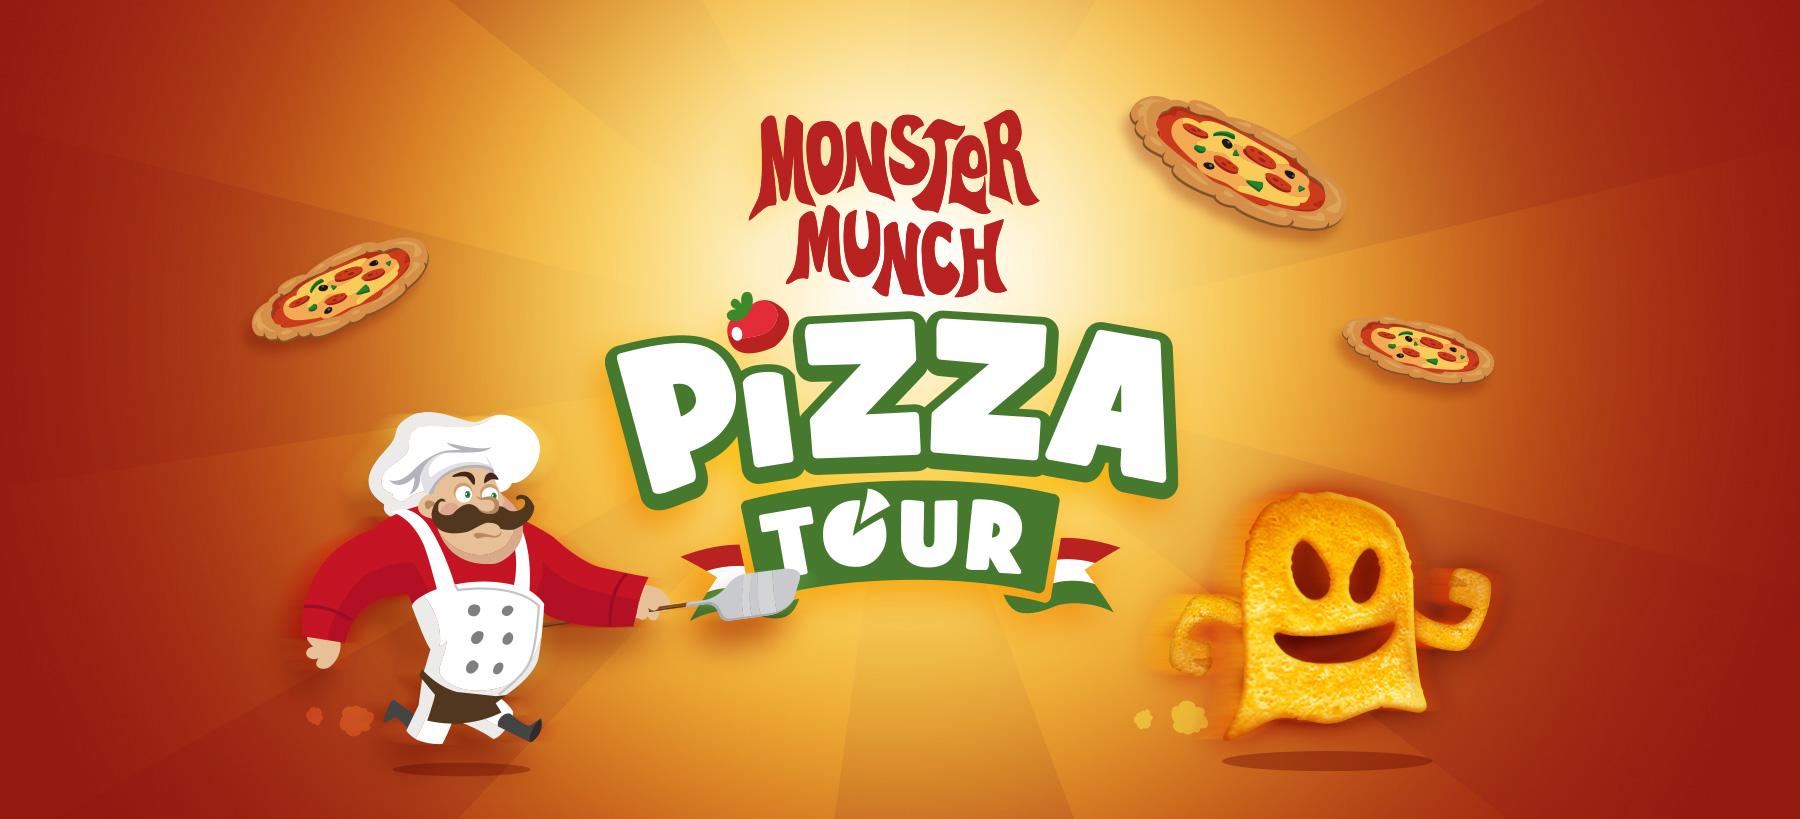 Directeur artistique freelance Portfolio Paris - Monster Munch Pizza Tour